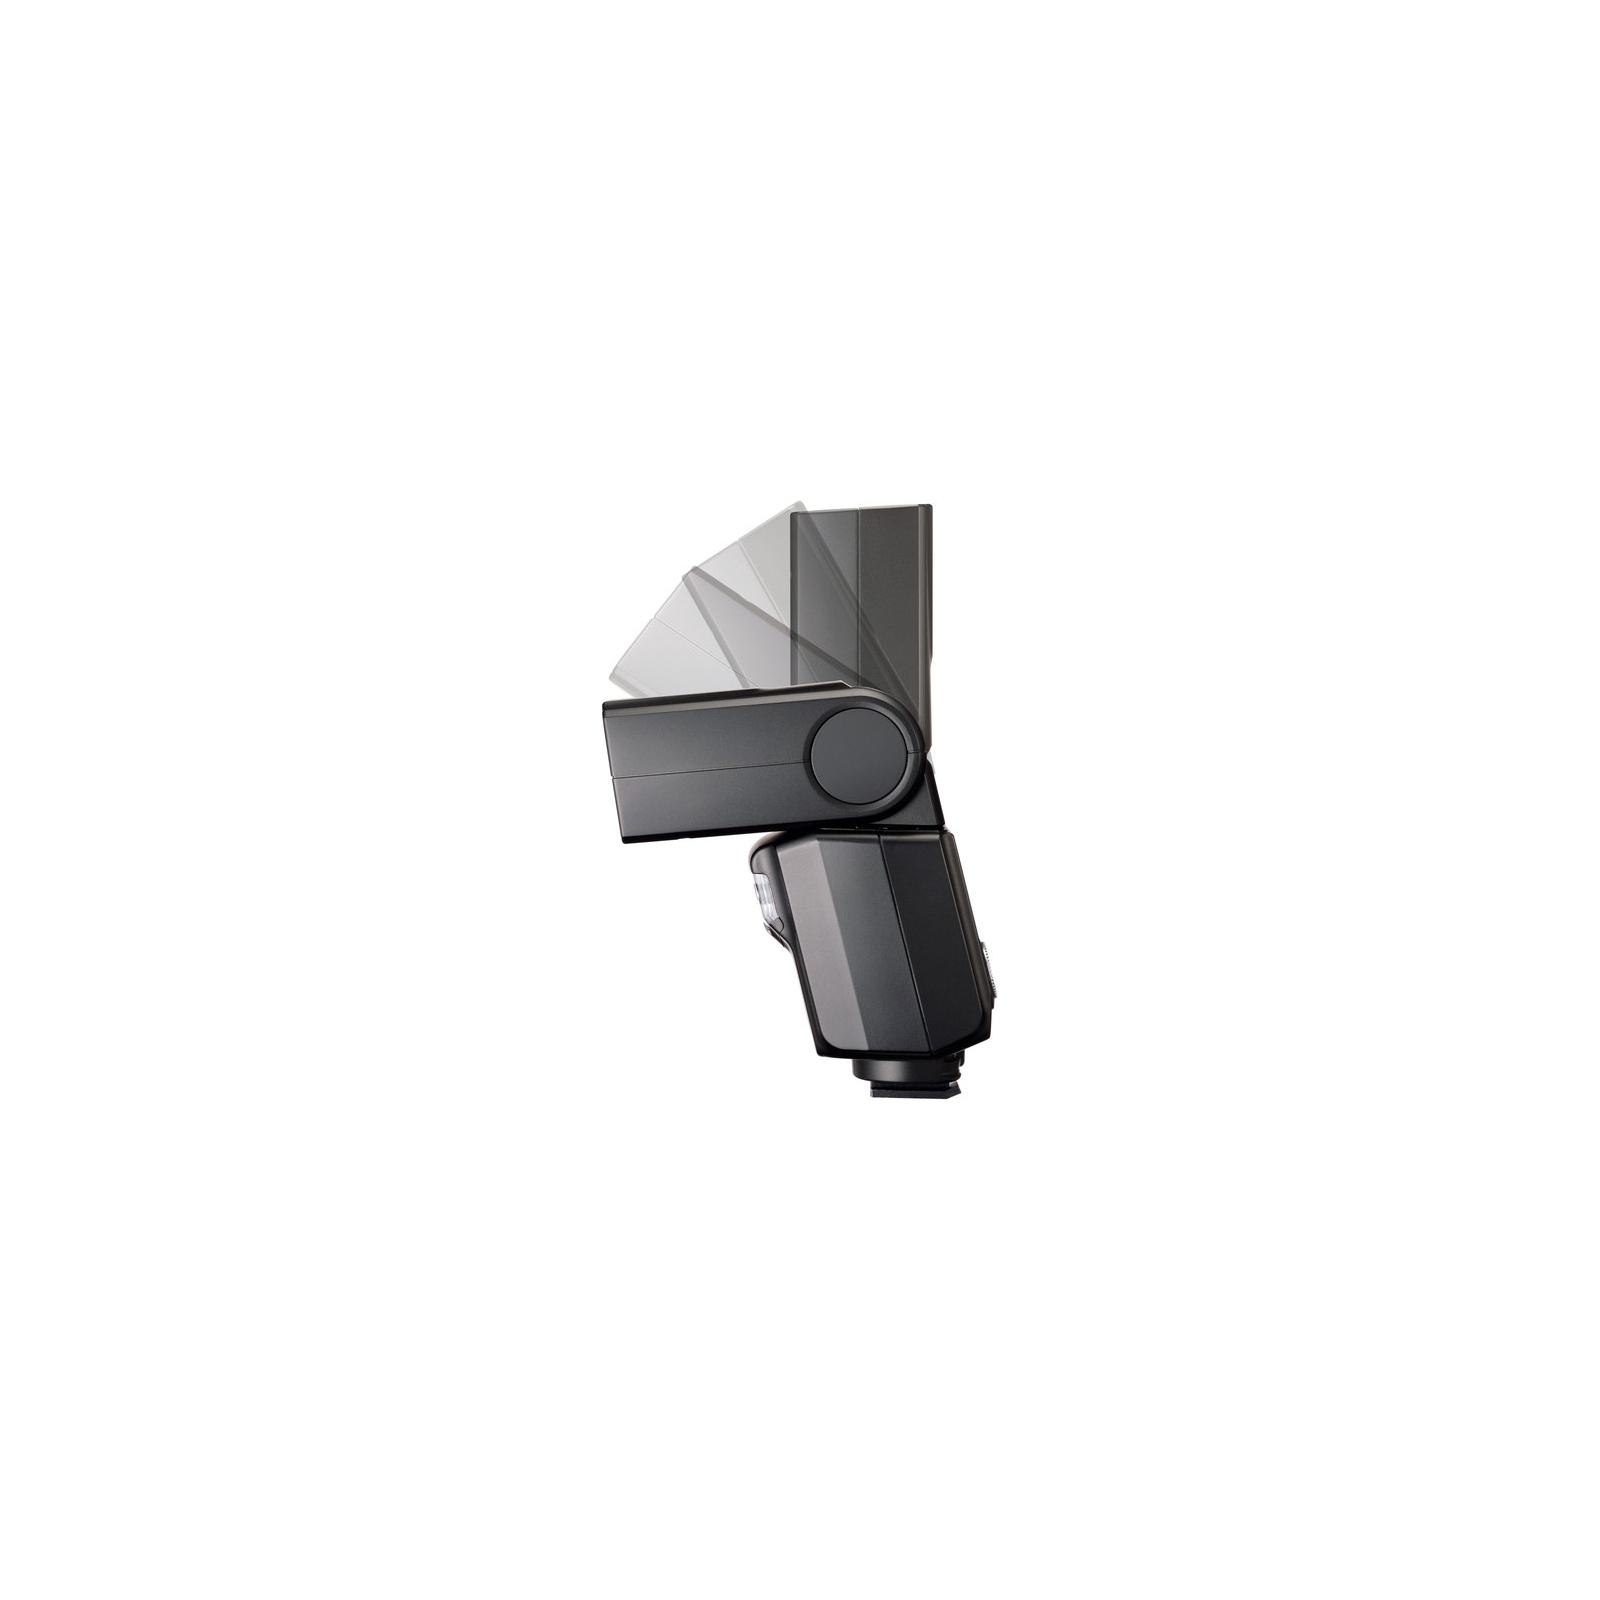 Вспышка OLYMPUS Flash FL-600R (V3261300E000) изображение 5